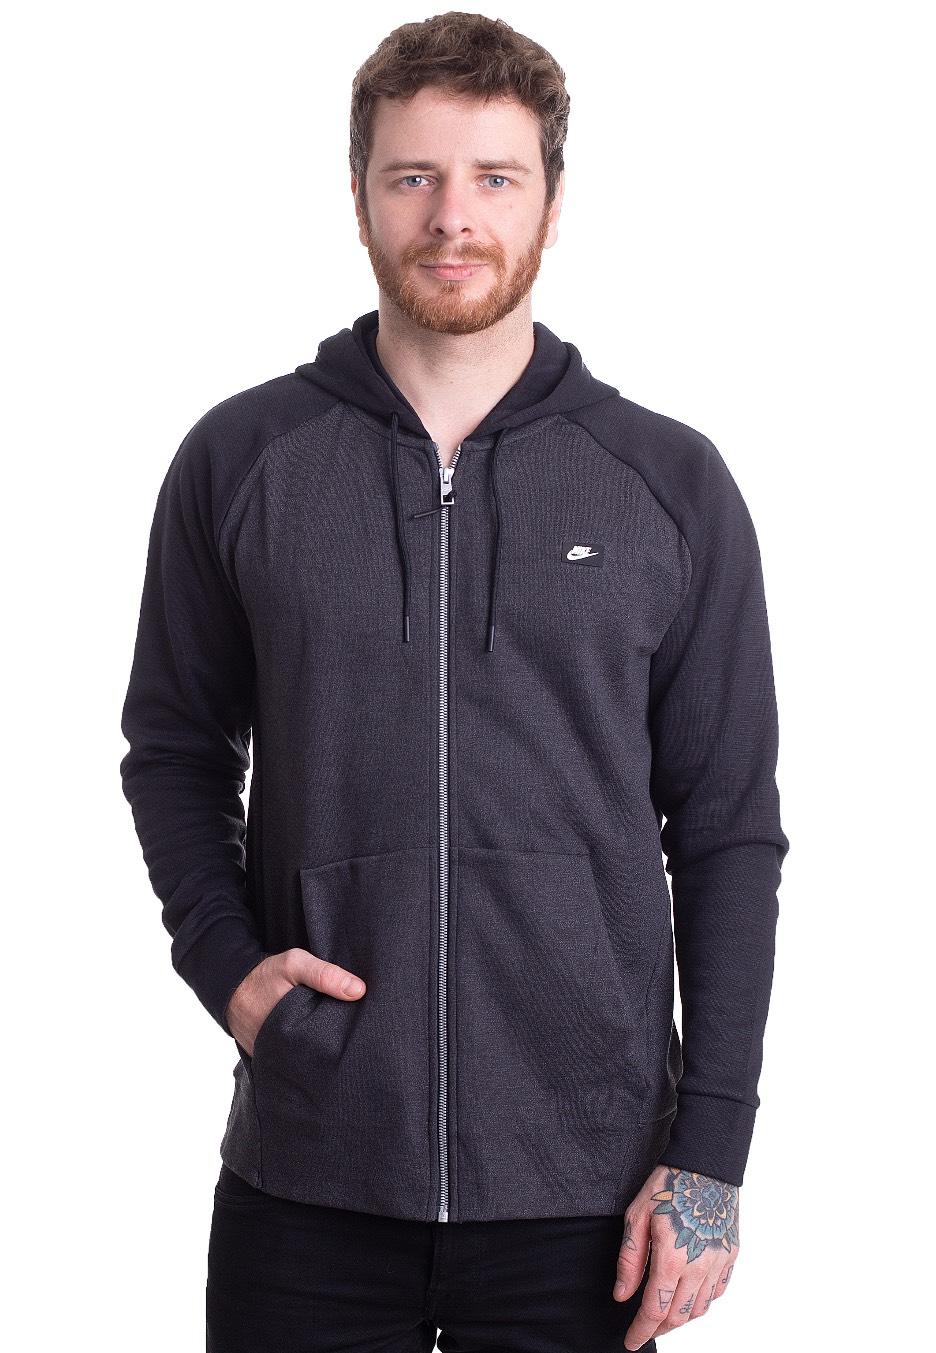 Manifiesto Abuelo personalizado  Nike - Sportswear Optic Fleece Black/Heather - Zipper - Impericon.com  Worldwide